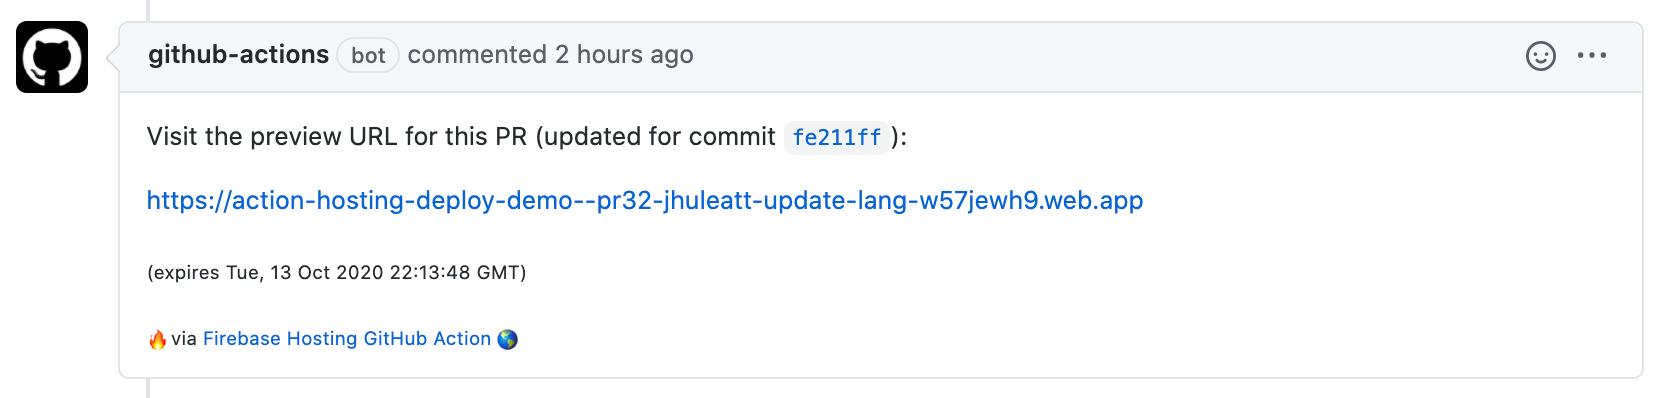 תמונה של תגובה של GitHub Action PR עם כתובת אתר לתצוגה מקדימה